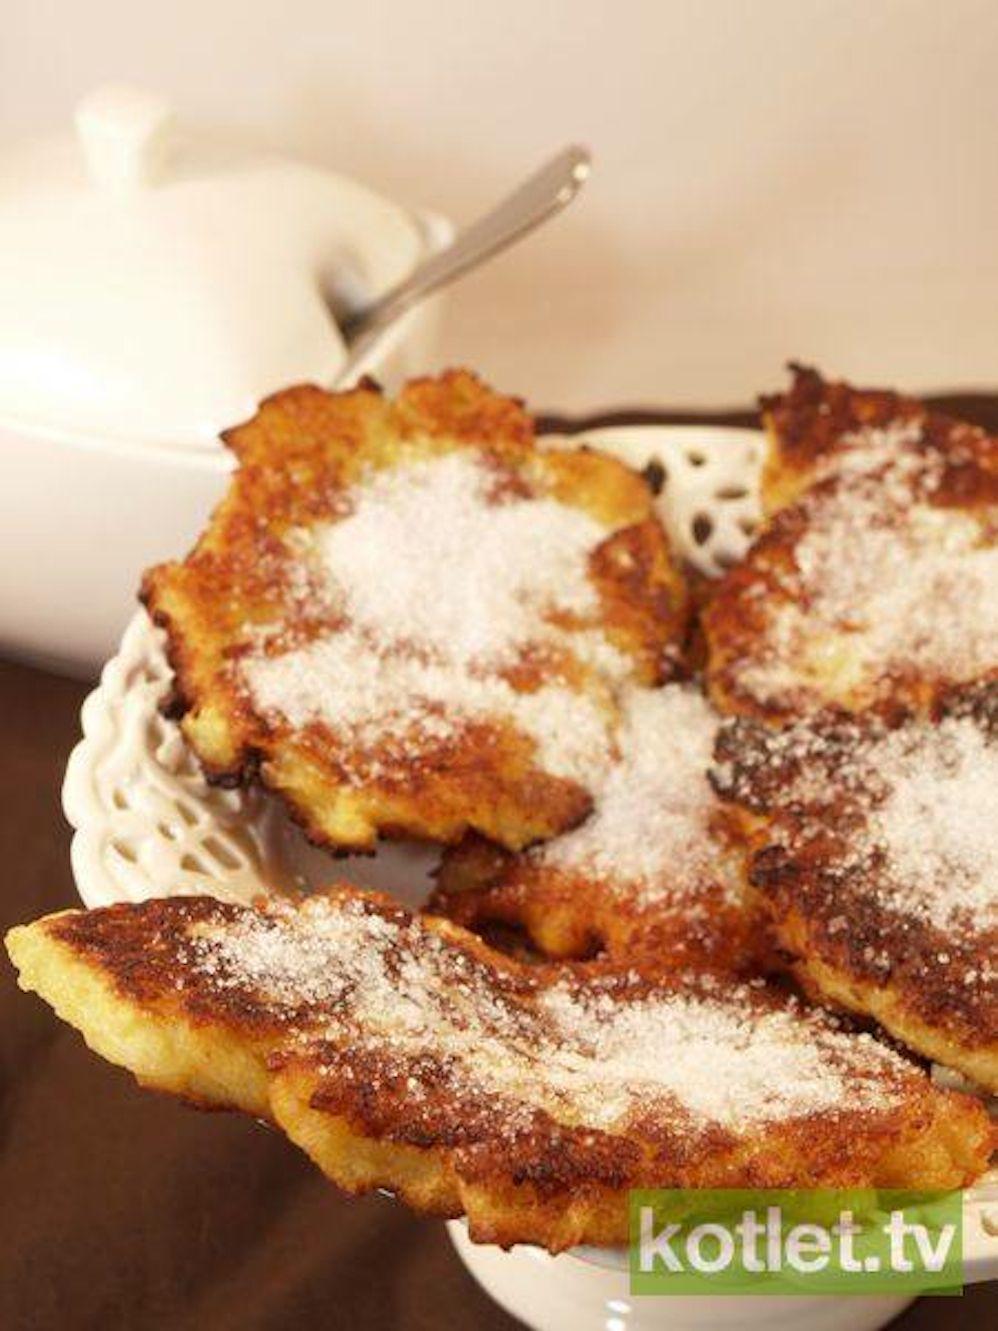 Kuchnia Tv Placki Ziemniaczane Dinners Recipes French Toast I